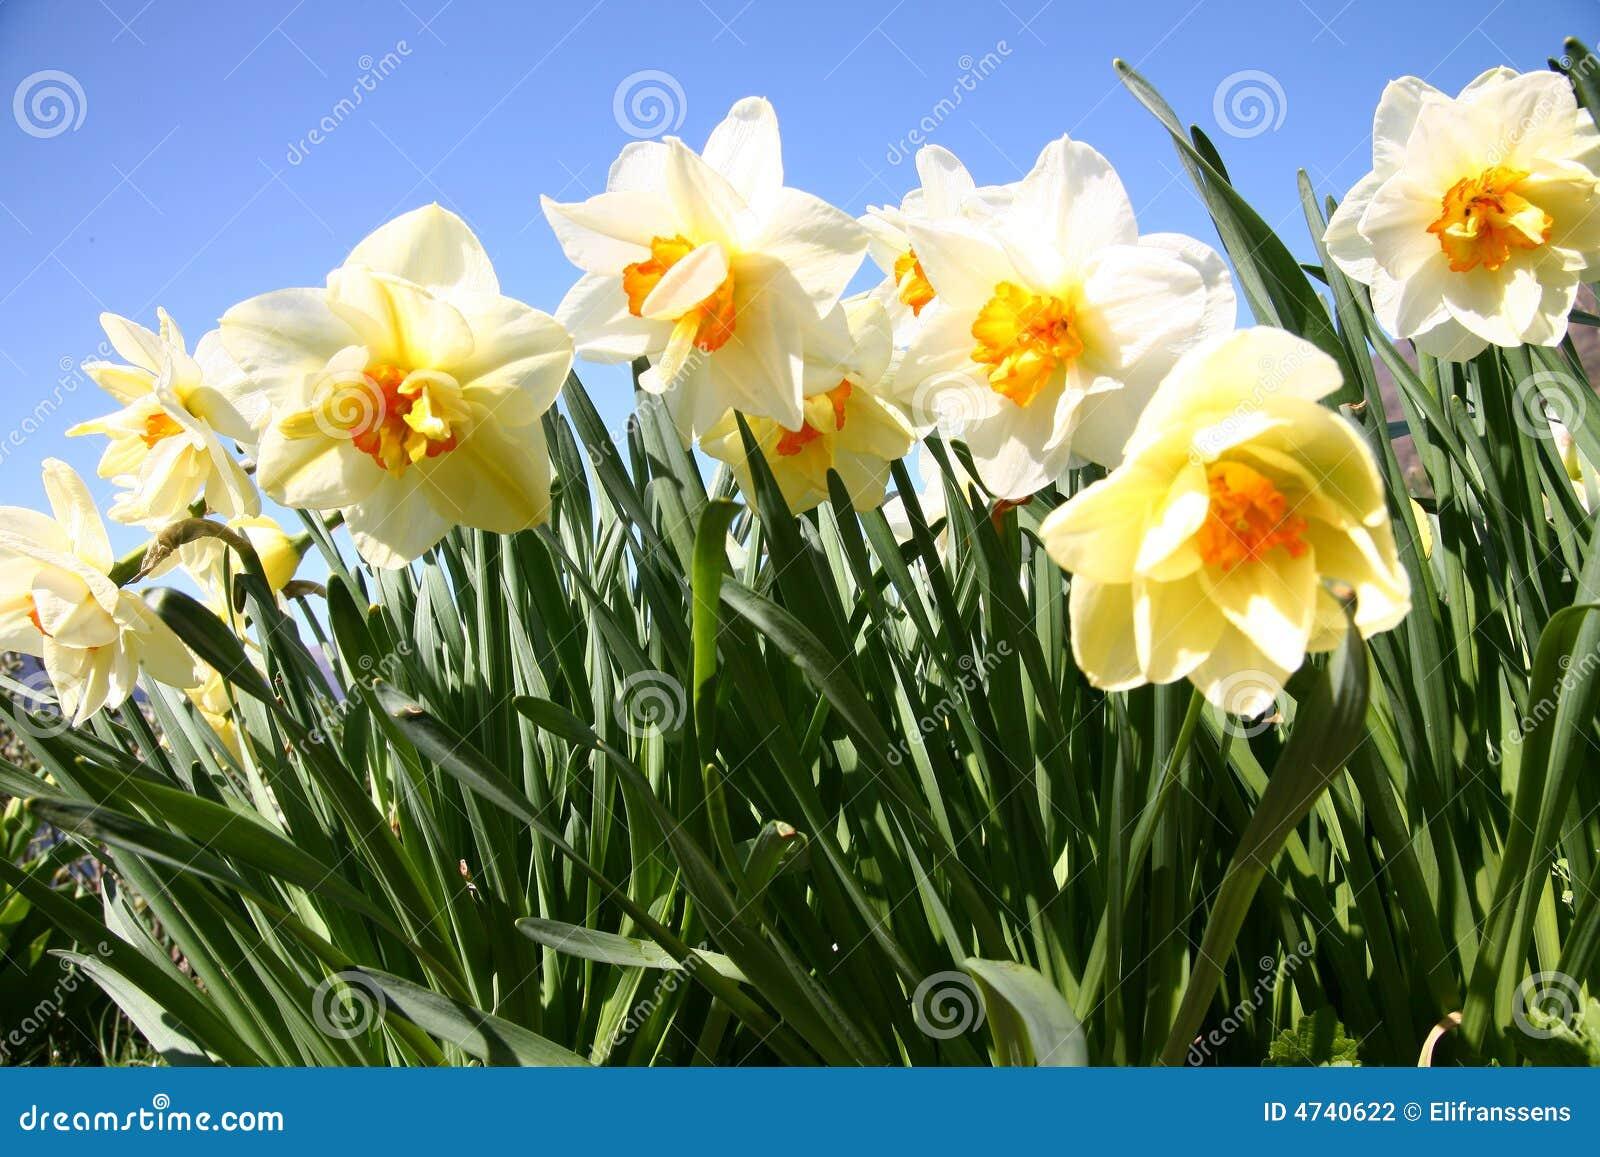 Narcisos Blancos Y Amarillos Foto De Archivo Imagen De Flores - Narcisos-amarillos